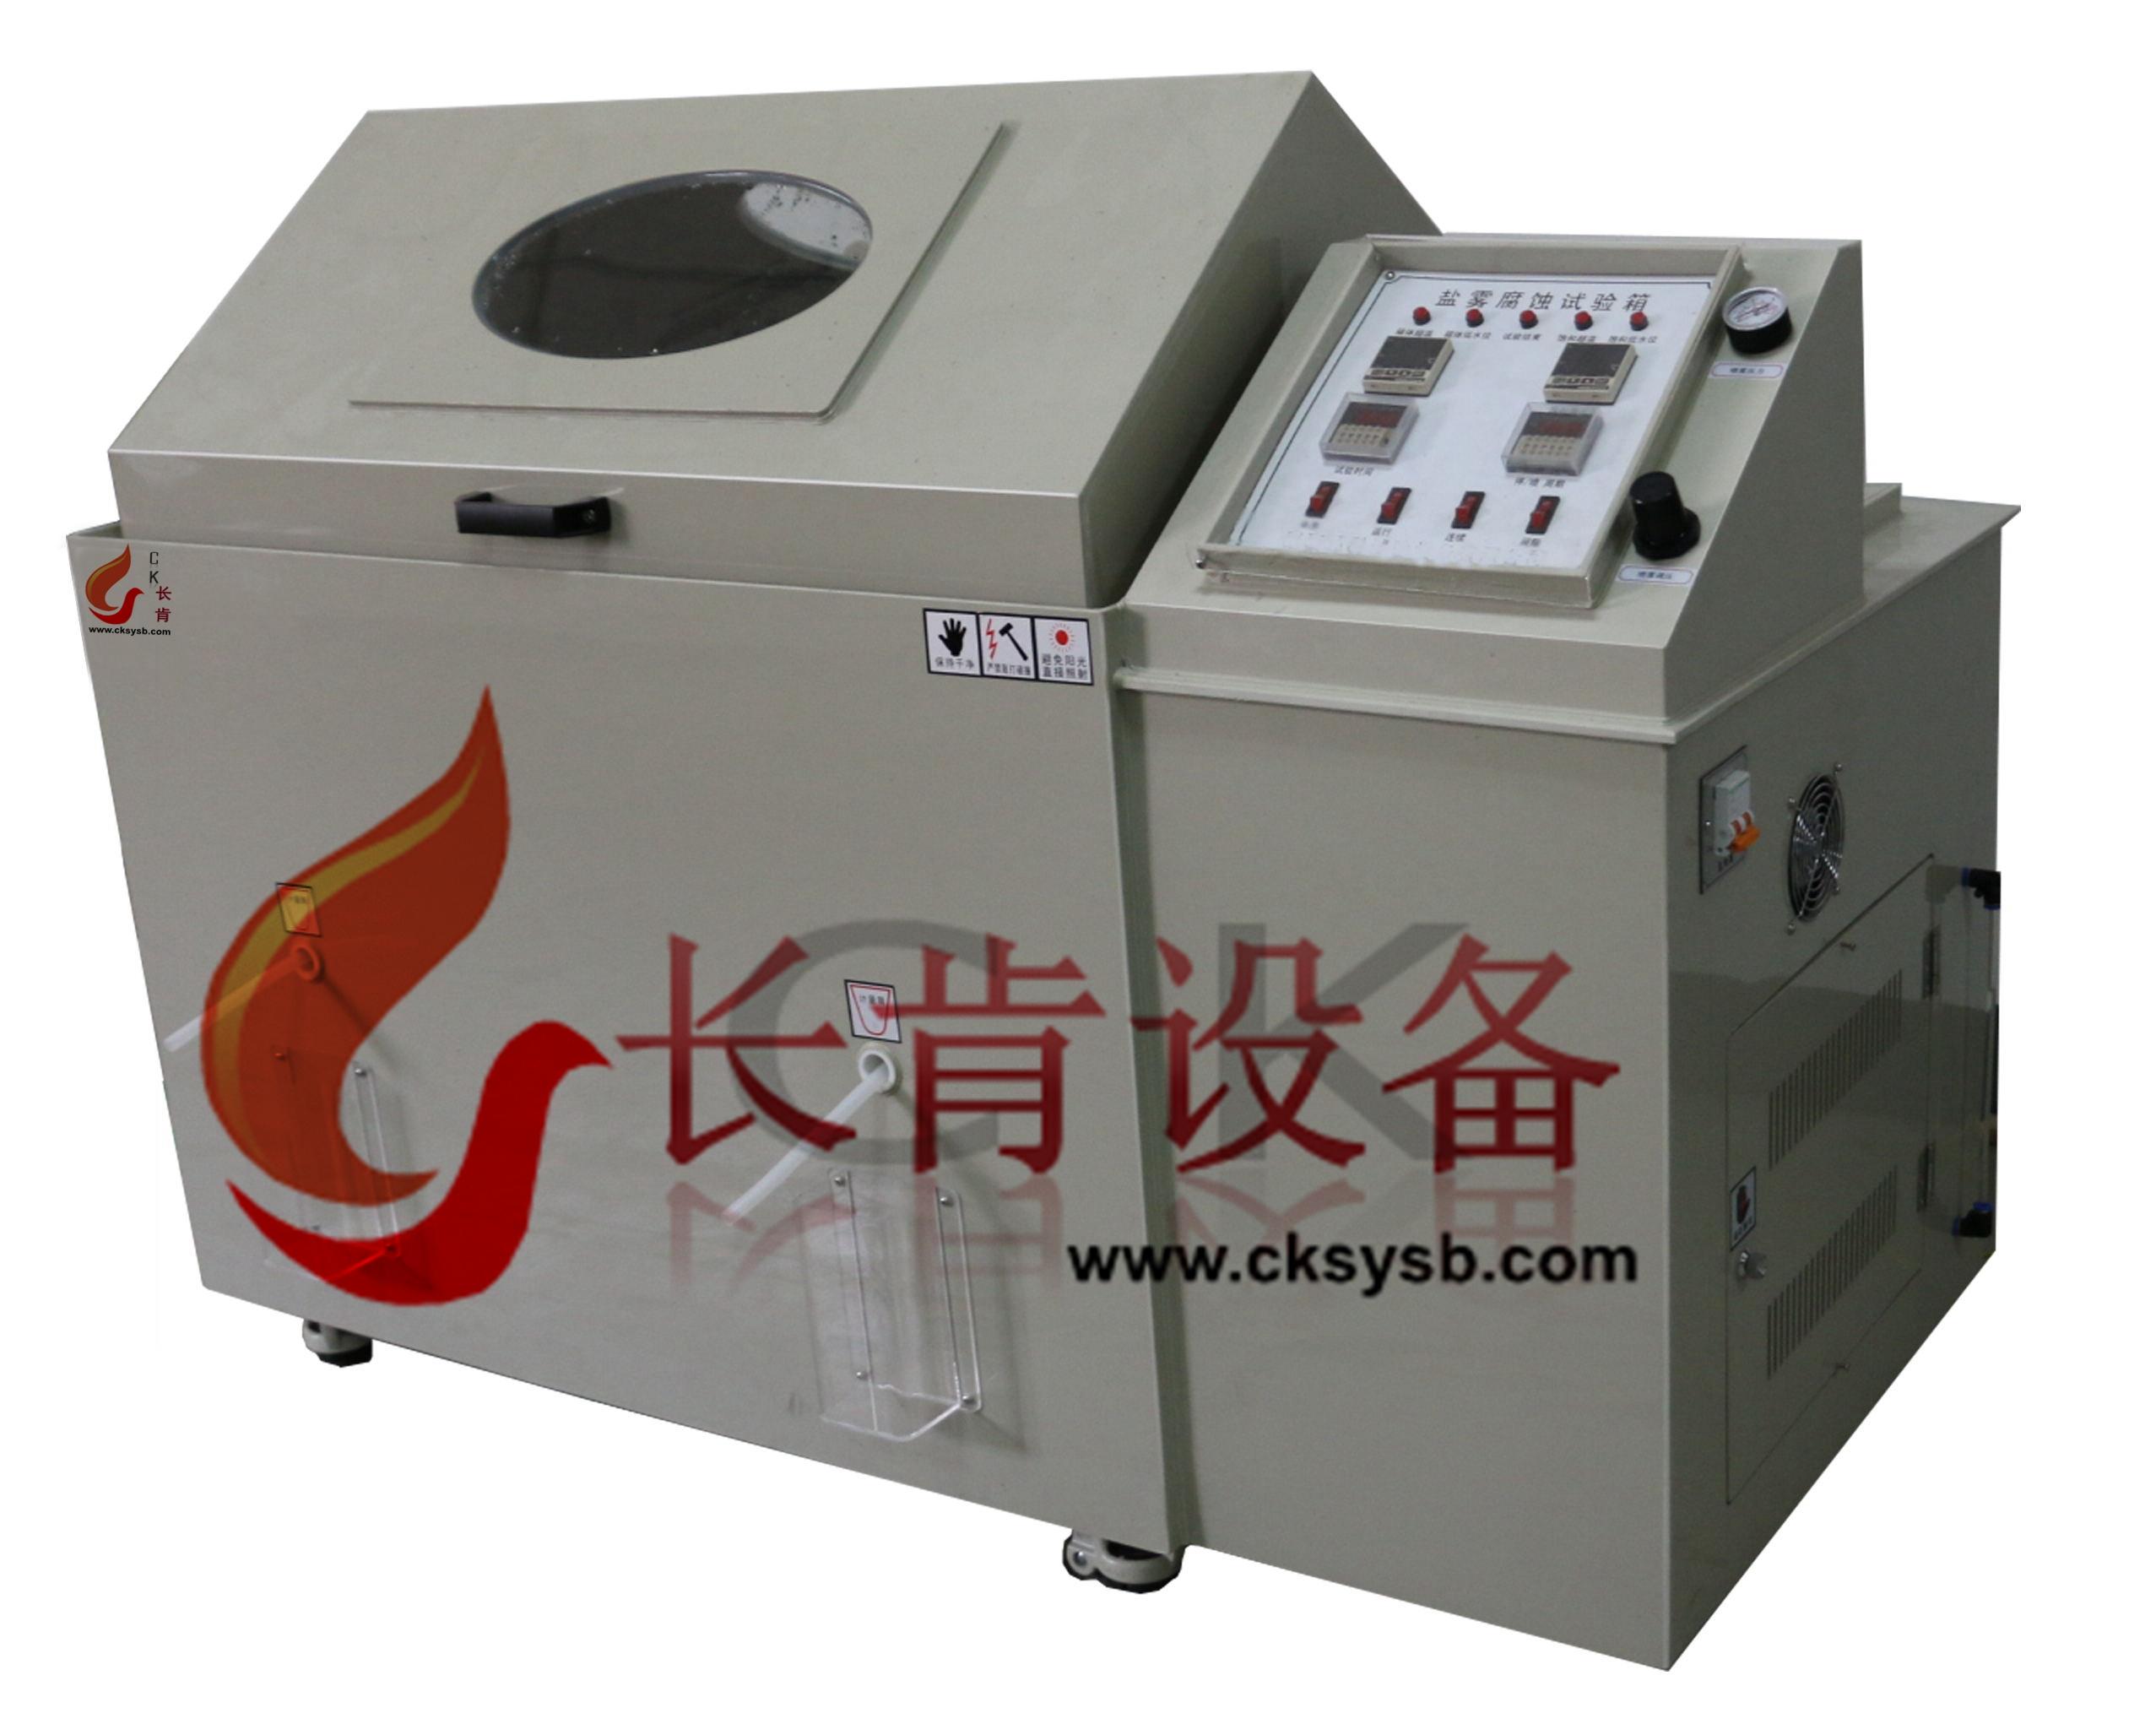 销售上海盐雾循环试验箱多少钱长肯供|长肯|长肯供